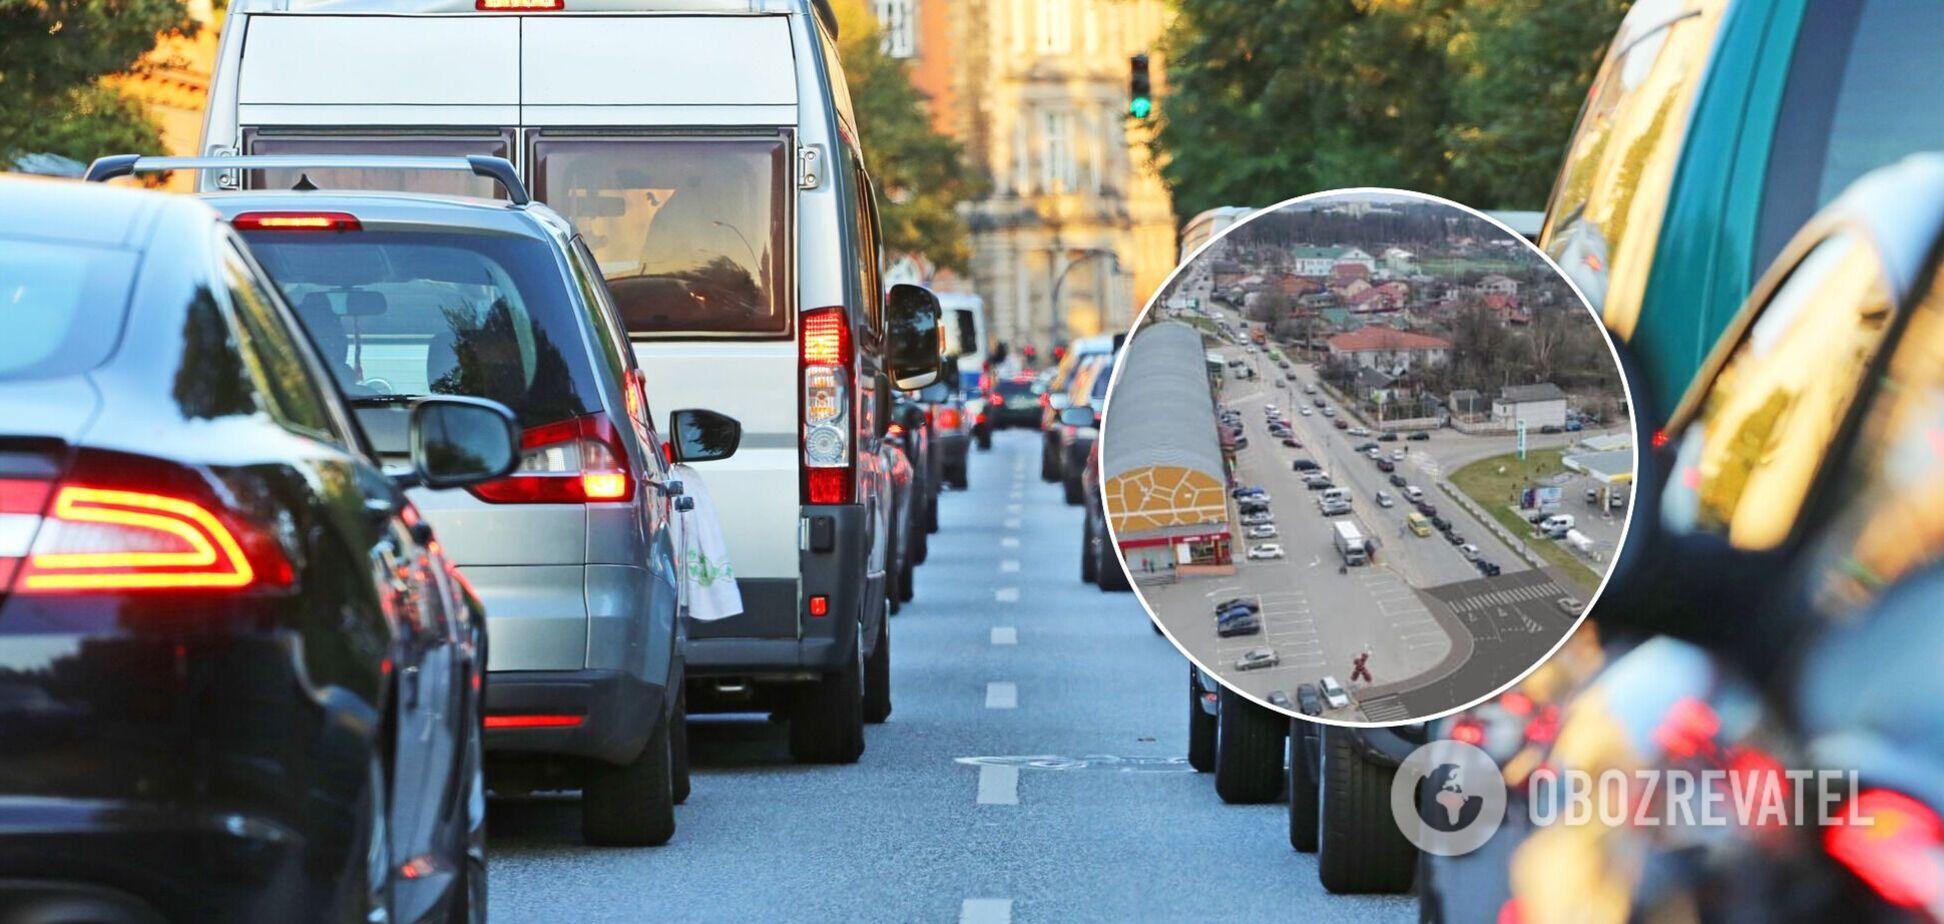 В Ірпені запропонували рішення транспортного колапсу: фото проєкту сучасної дорожньої розв'язки